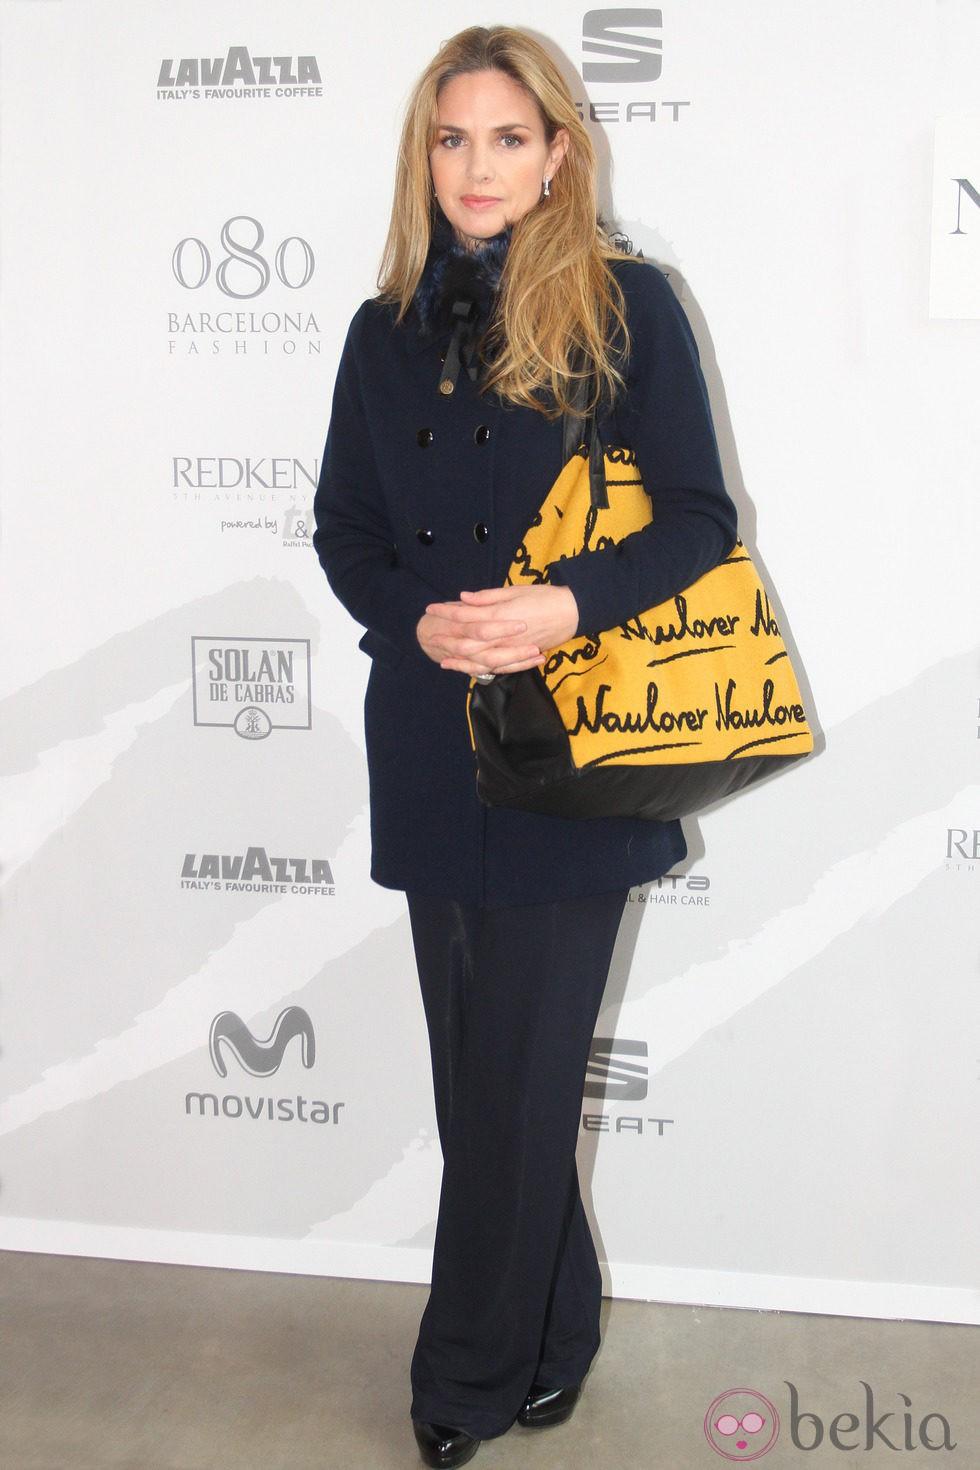 Genoveva Casanova en la 080 Barcelona Fashion